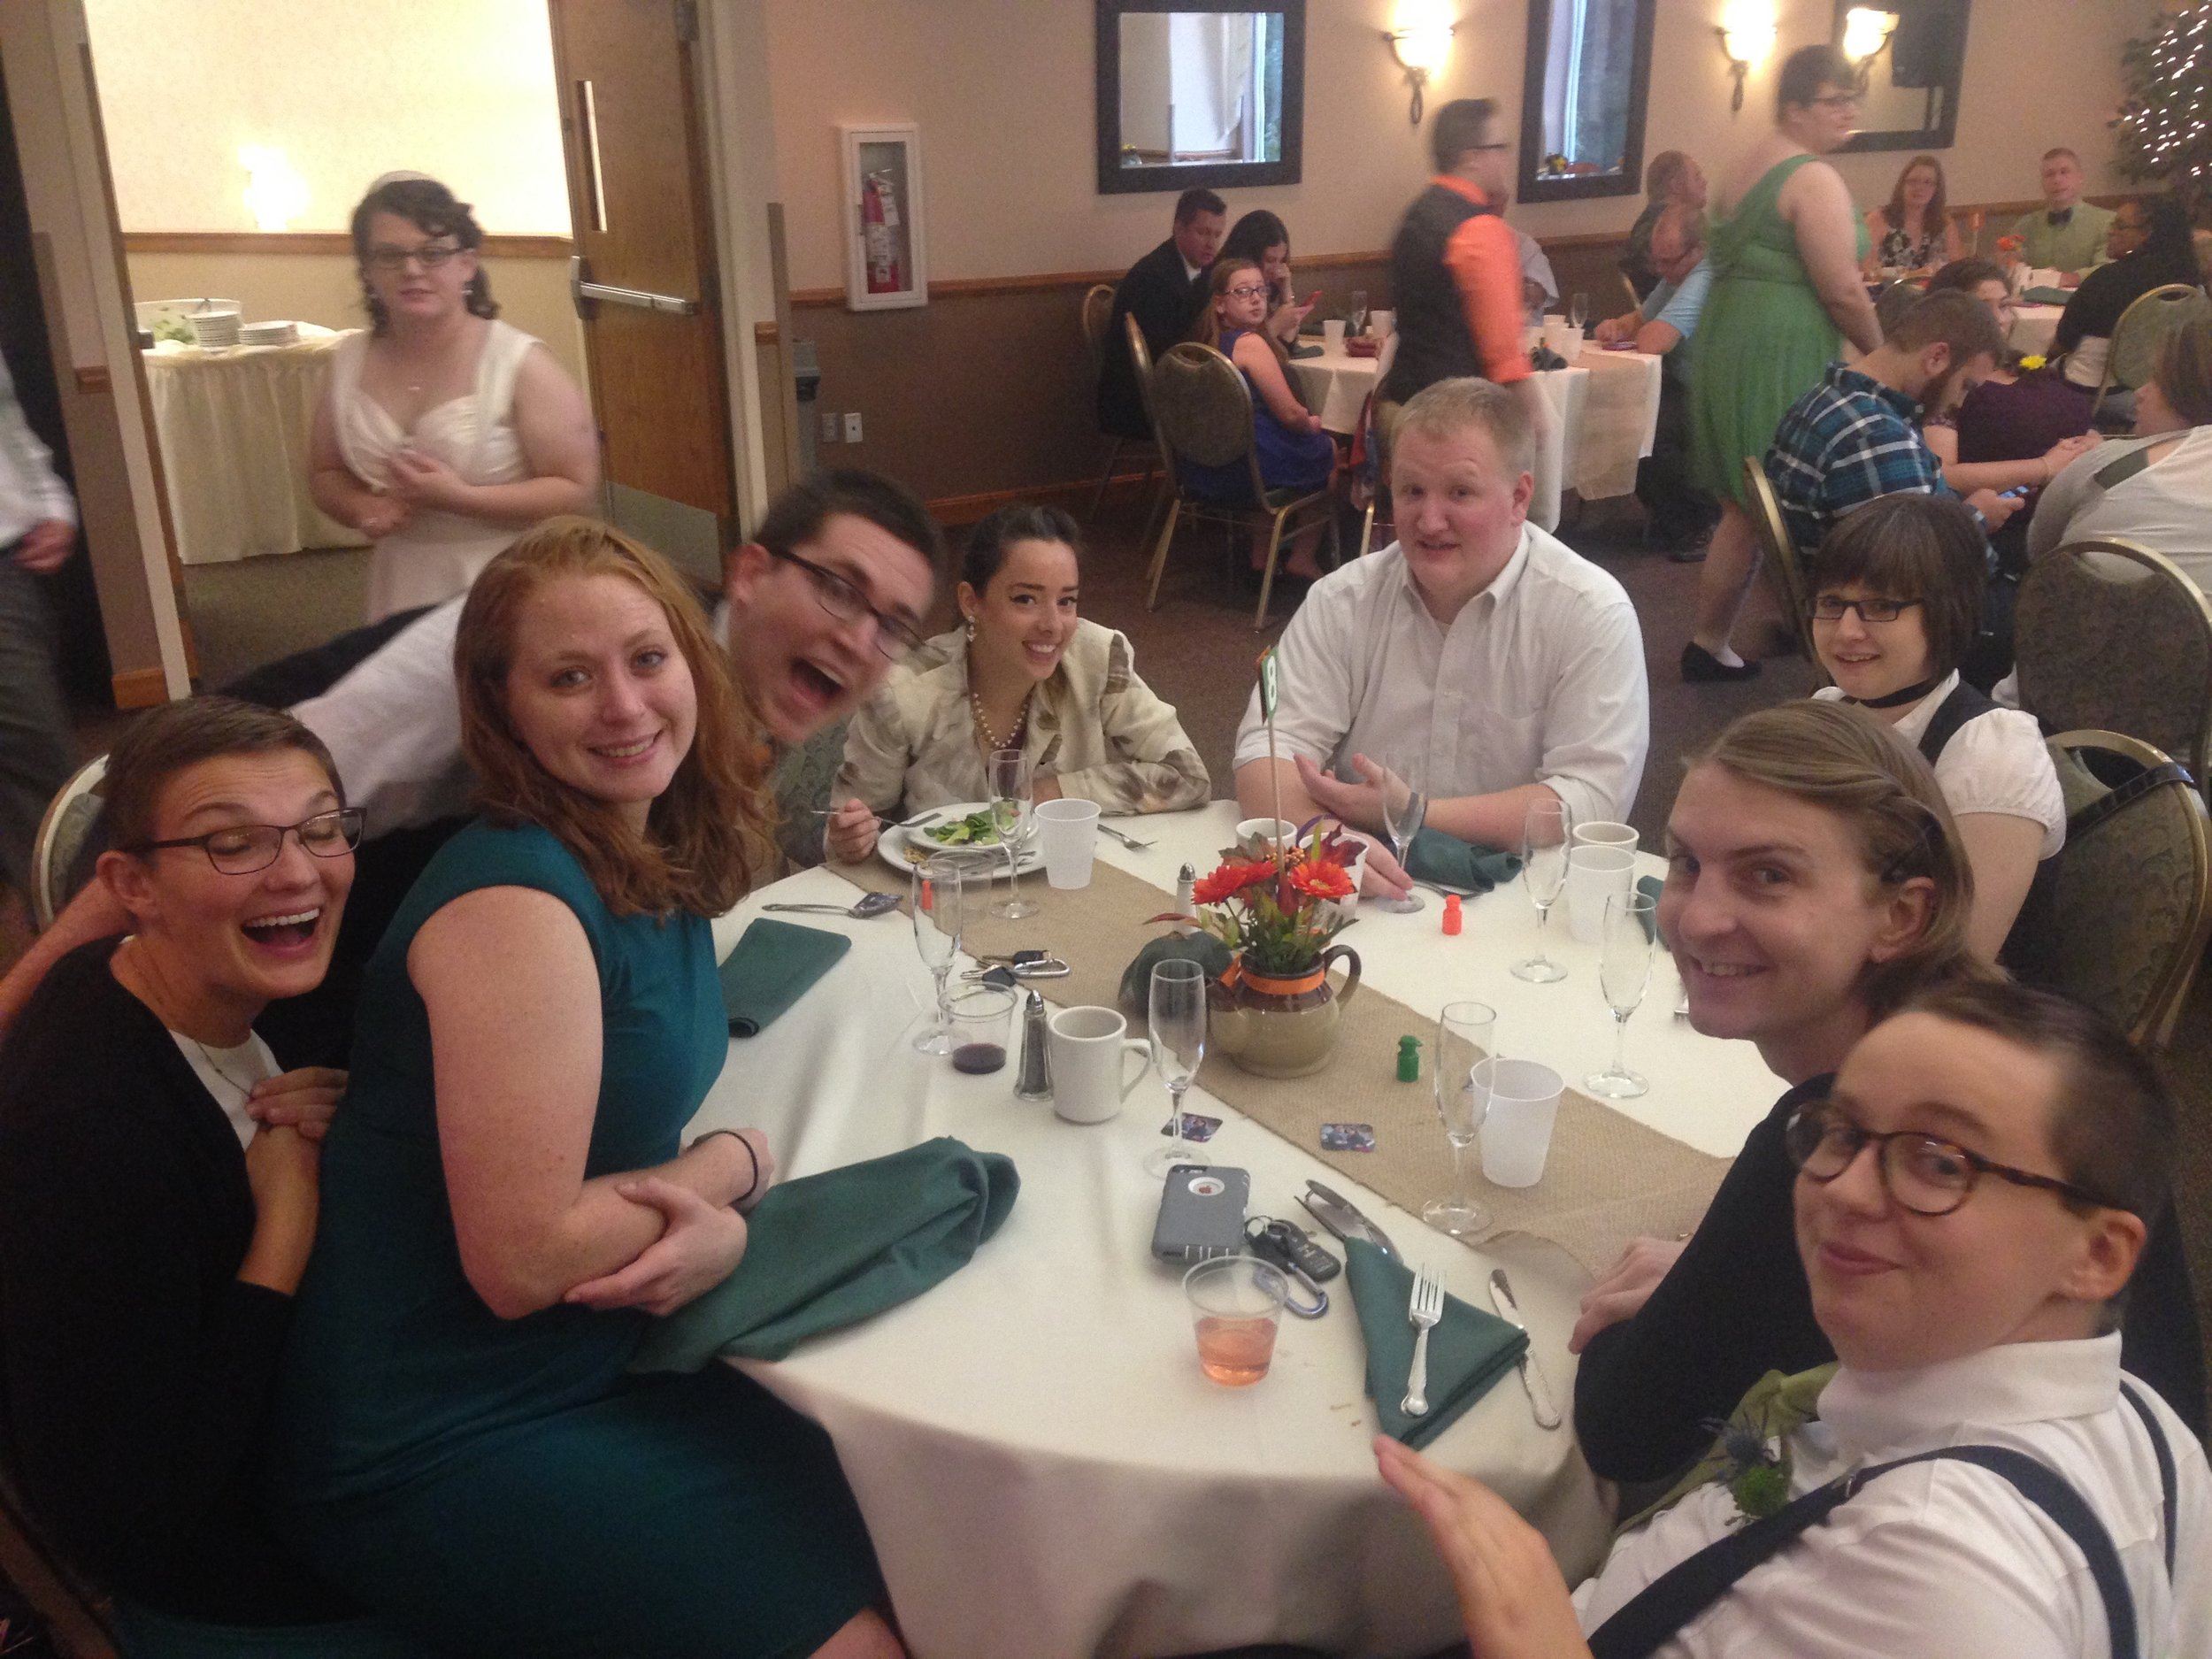 Katie and Allen's wedding